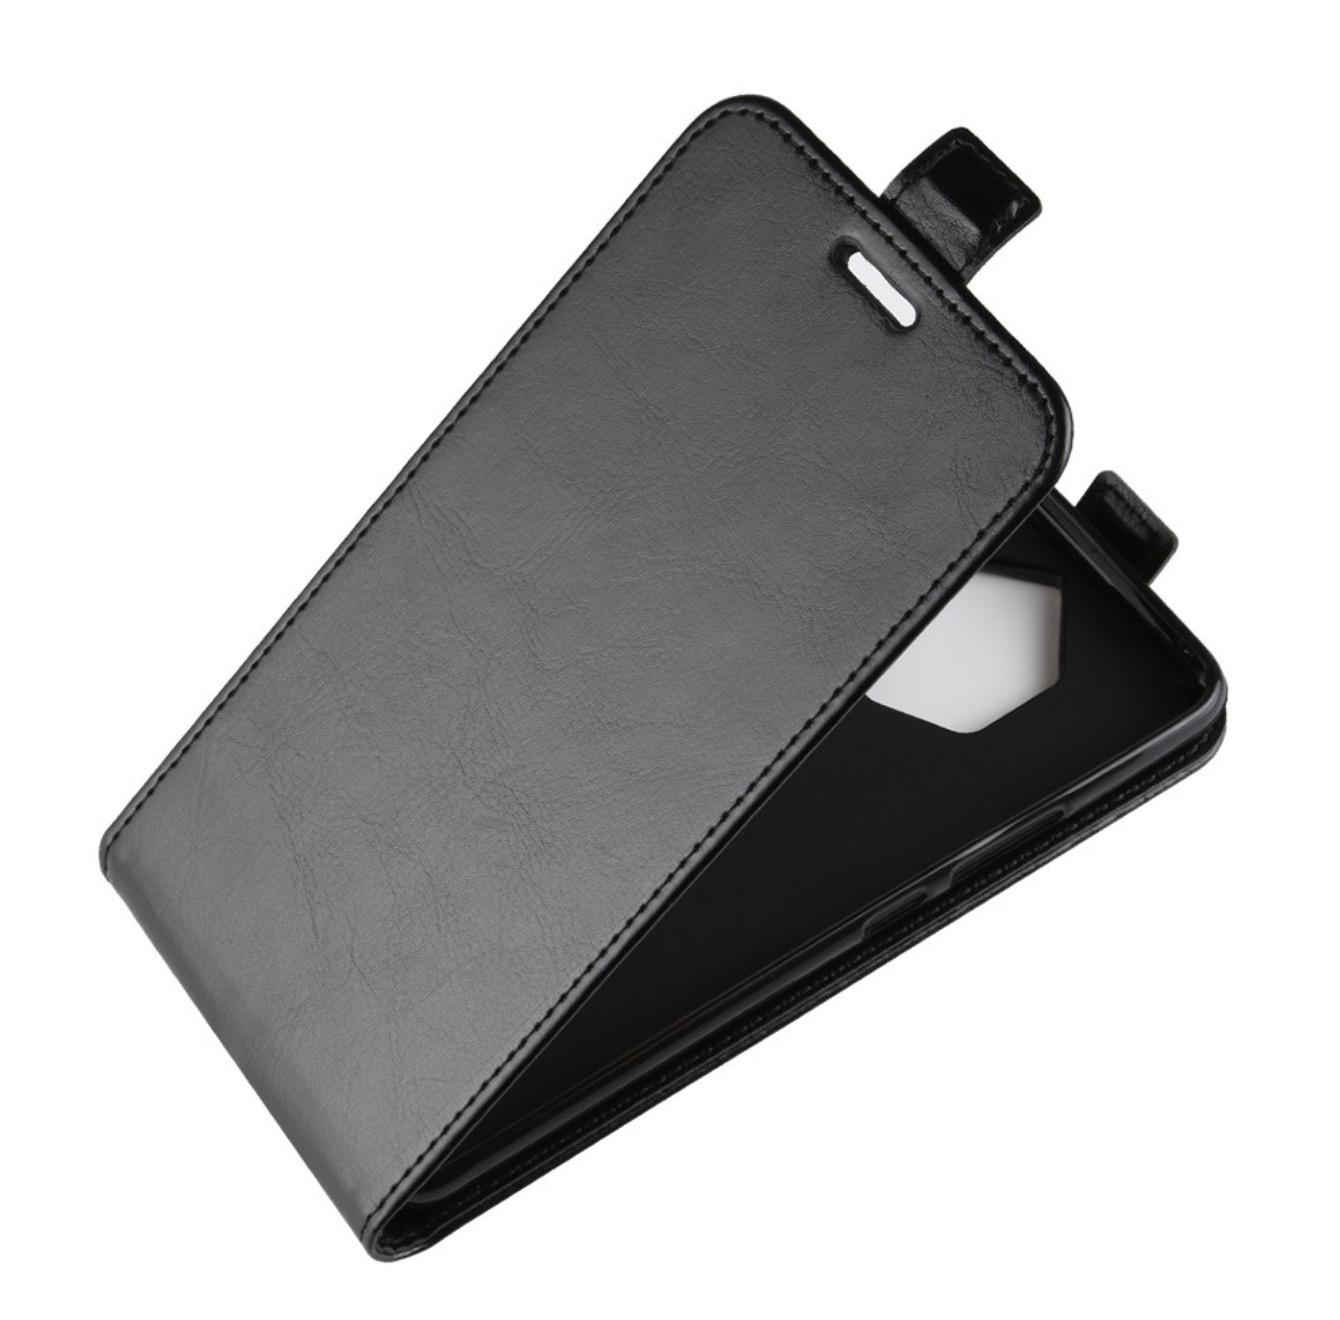 Фото - Чехол-флип MyPads для Motorola Moto G4 Plus вертикальный откидной черный чехол флип кейс motorola flip cover для motorola moto e черный [pg38c01793]